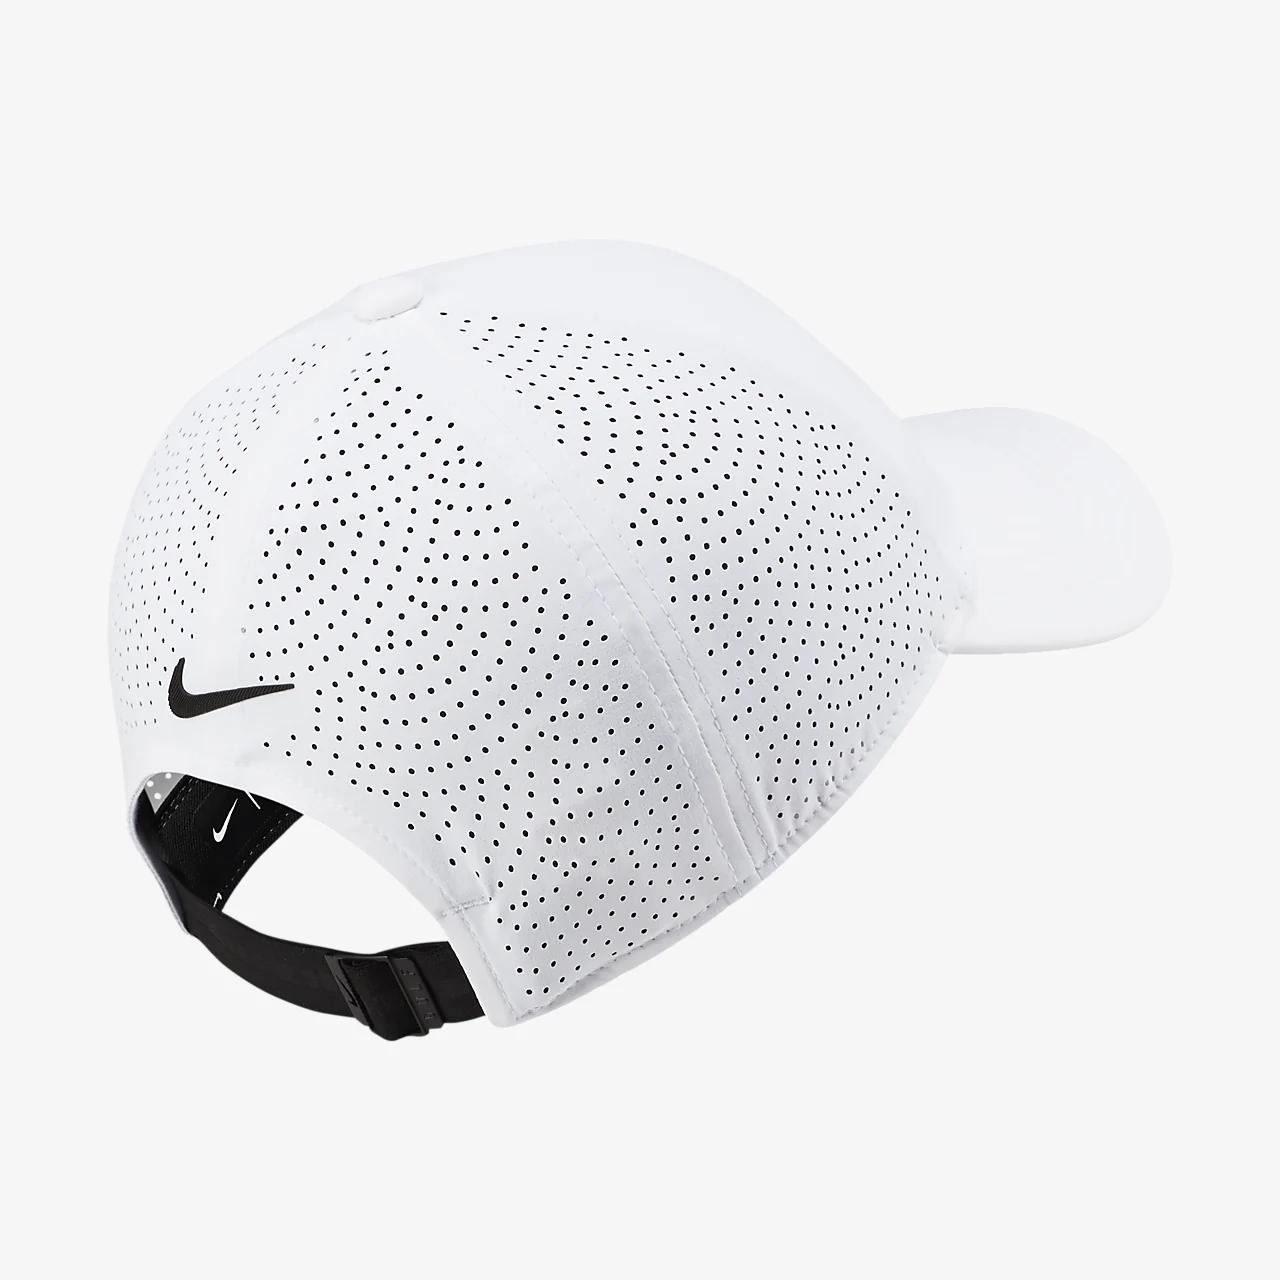 나이키 에어로빌 헤리티지86 여자 골프 모자 BV1079-100